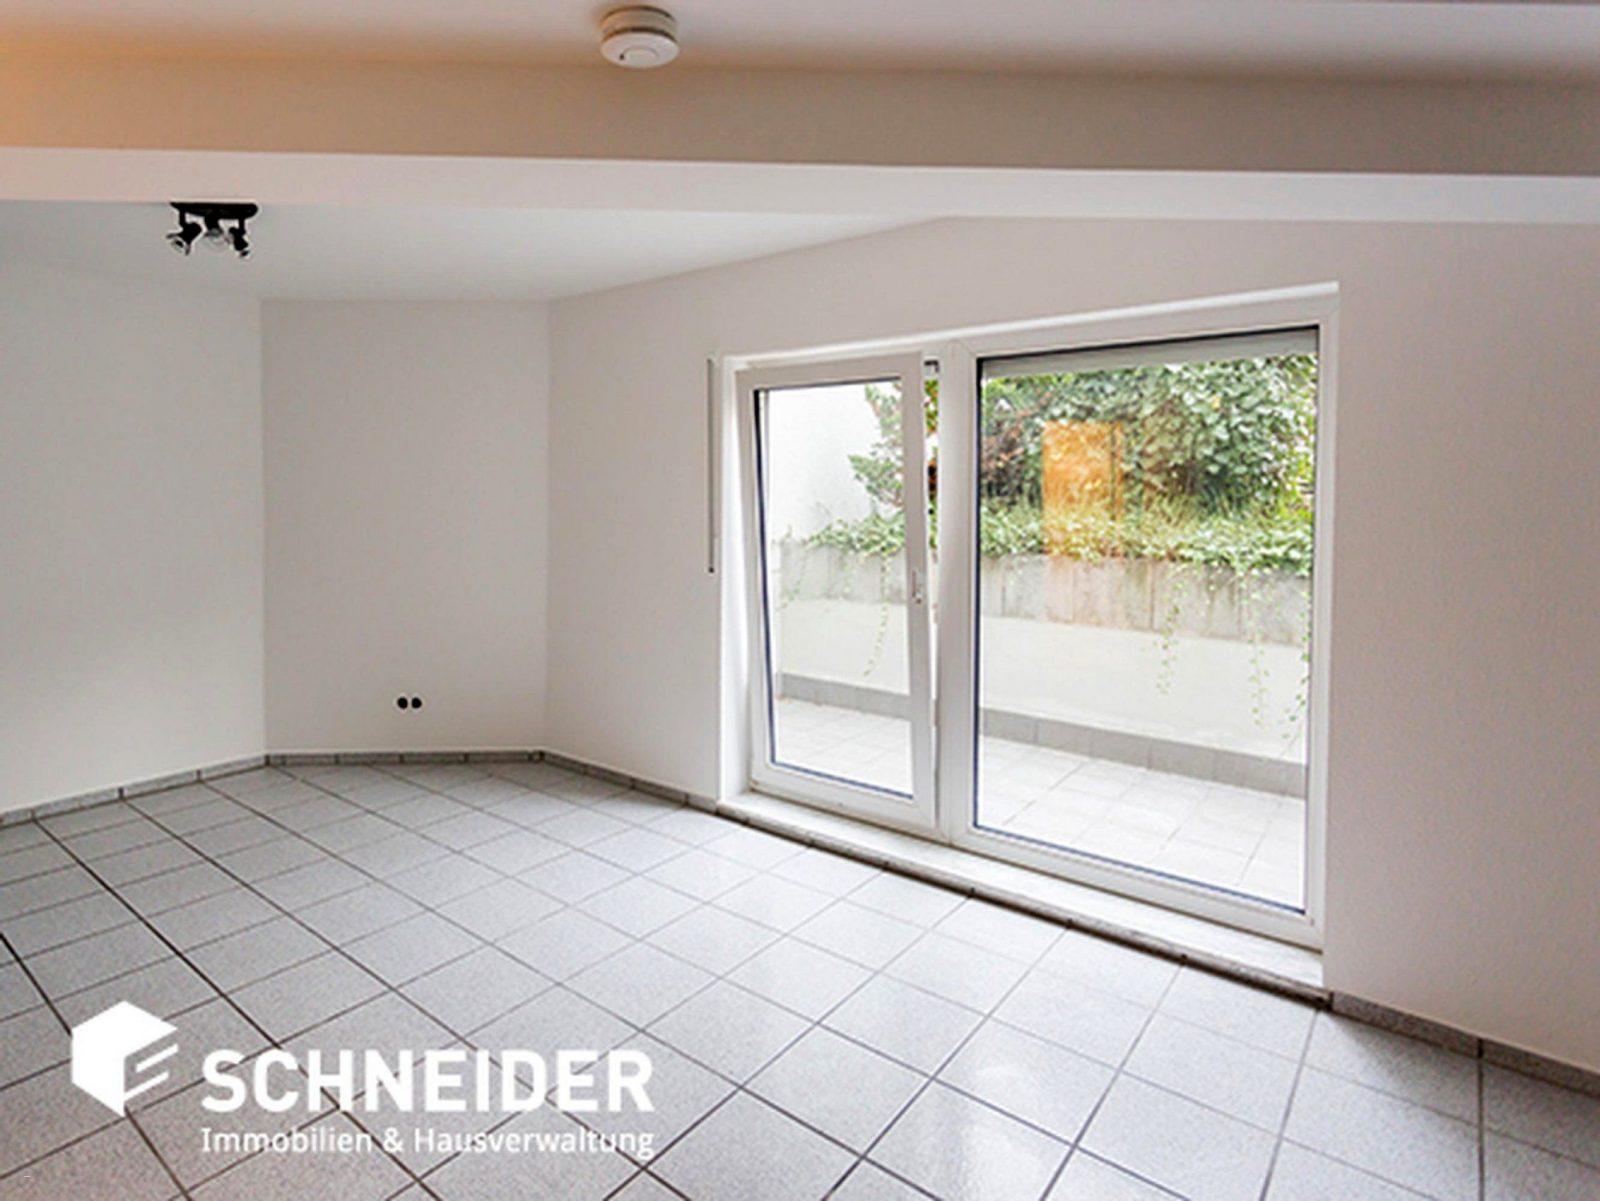 Genial Wandfarbe Apricot Schöner Wohnen  Haus & Interieur Ideen von Wandfarbe Apricot Schöner Wohnen Photo